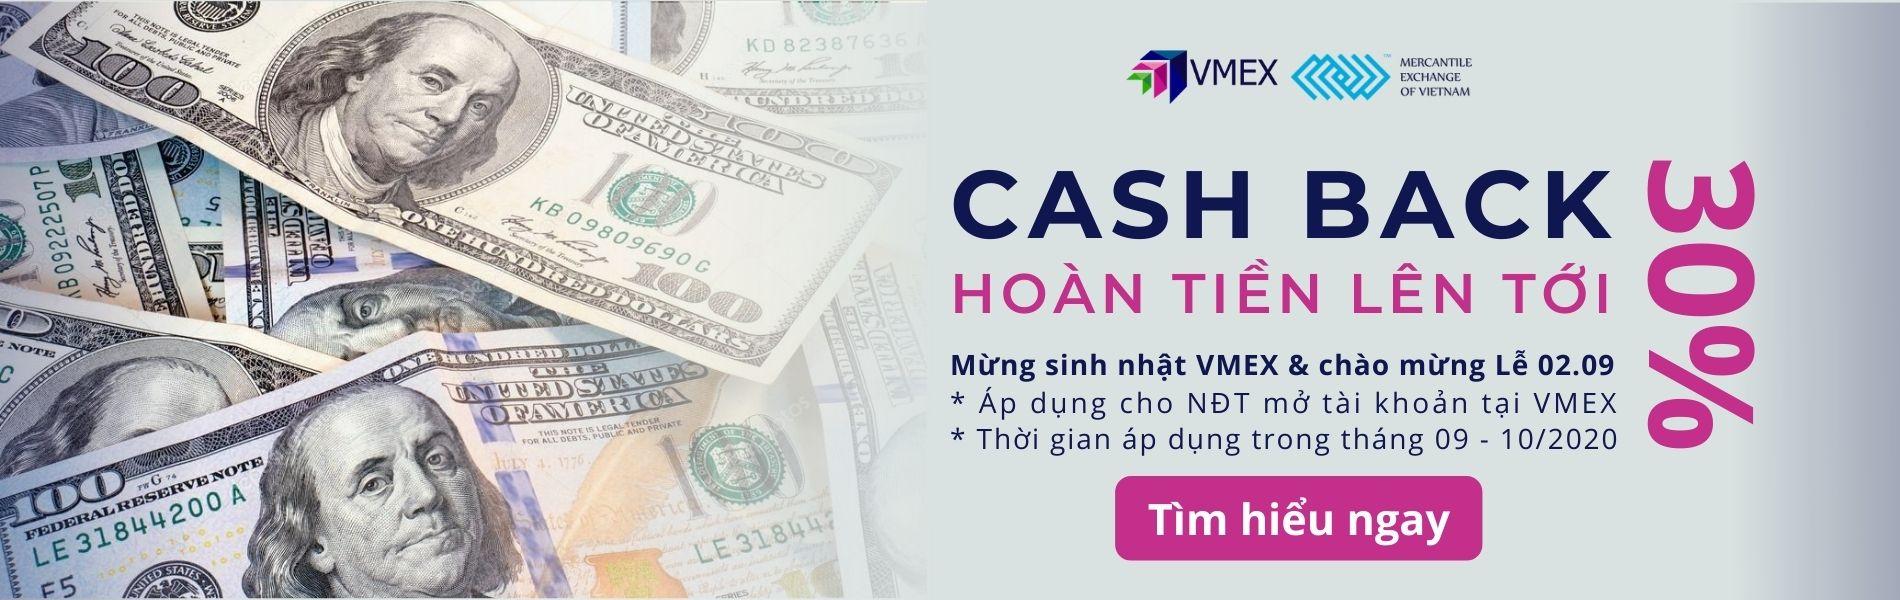 vmex cash back hoàn phí giao dịch